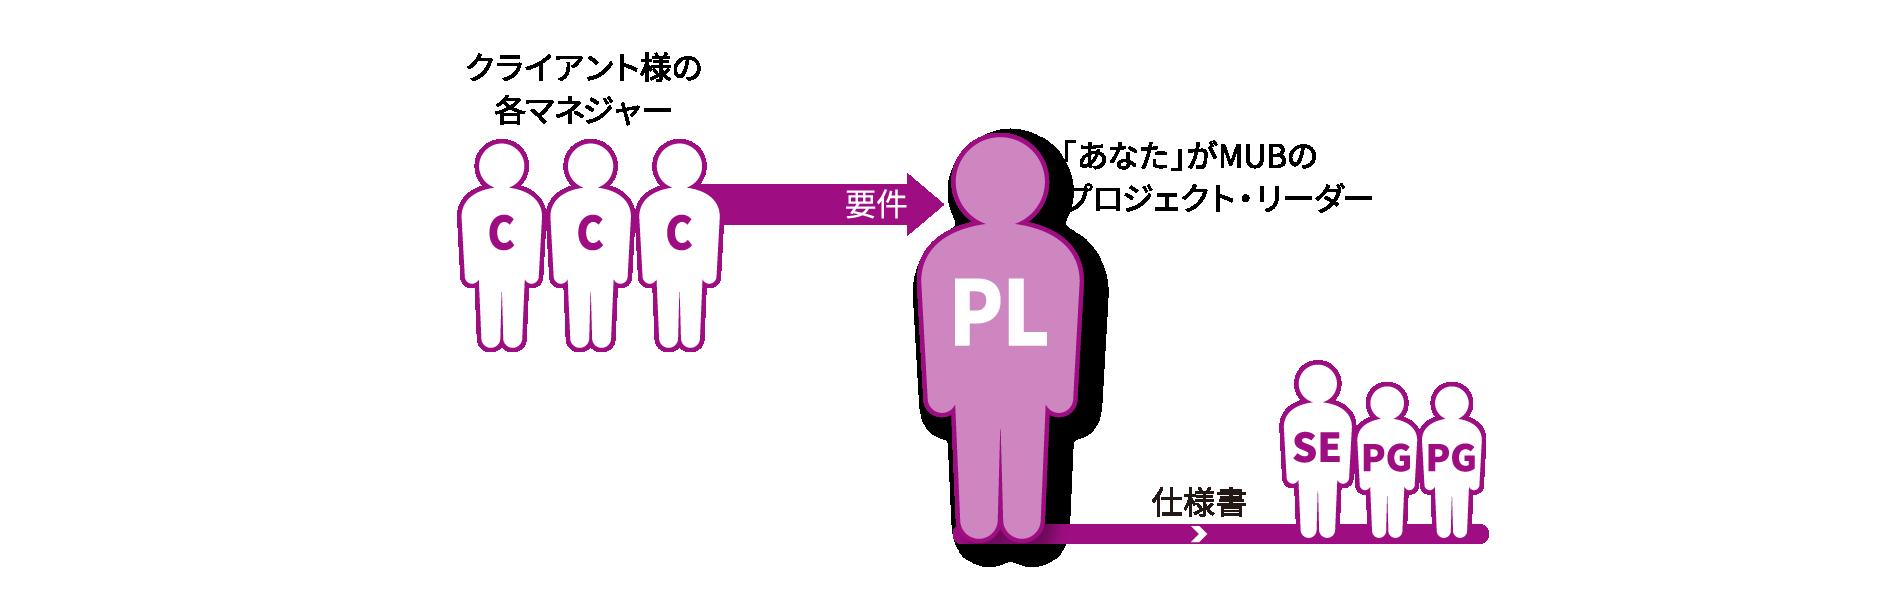 説明図/当社のプロジェクト・リーダーとは